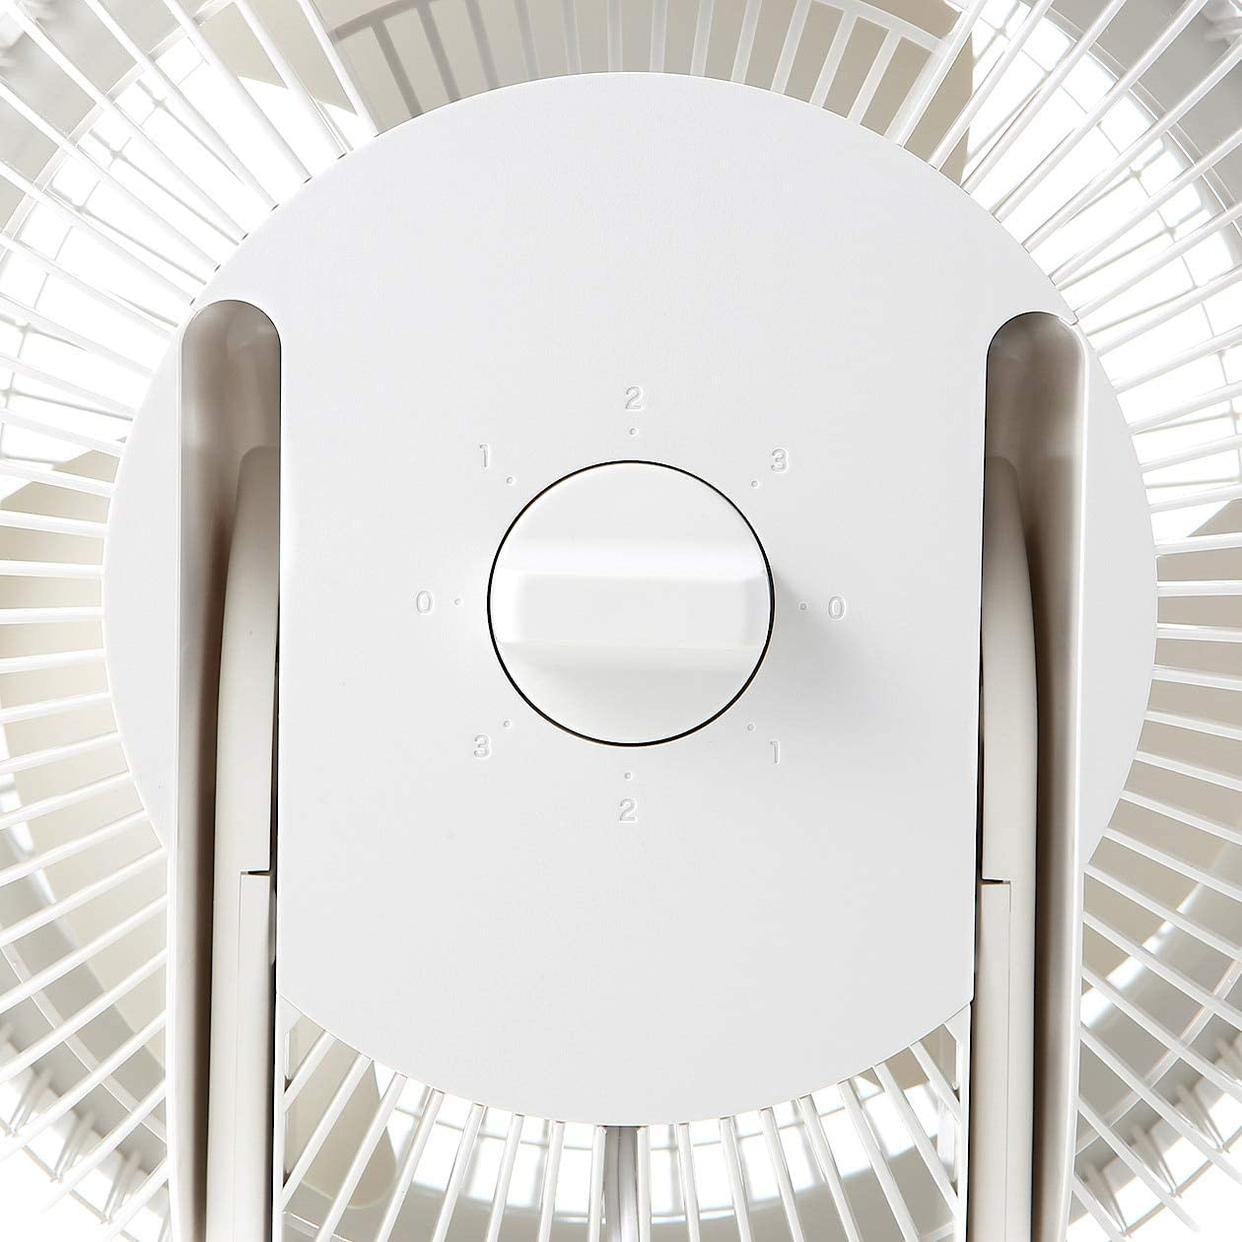 無印良品(MUJI) サーキュレーター(低騒音ファン・大風量タイプ) AT-CF26R-Wの商品画像5